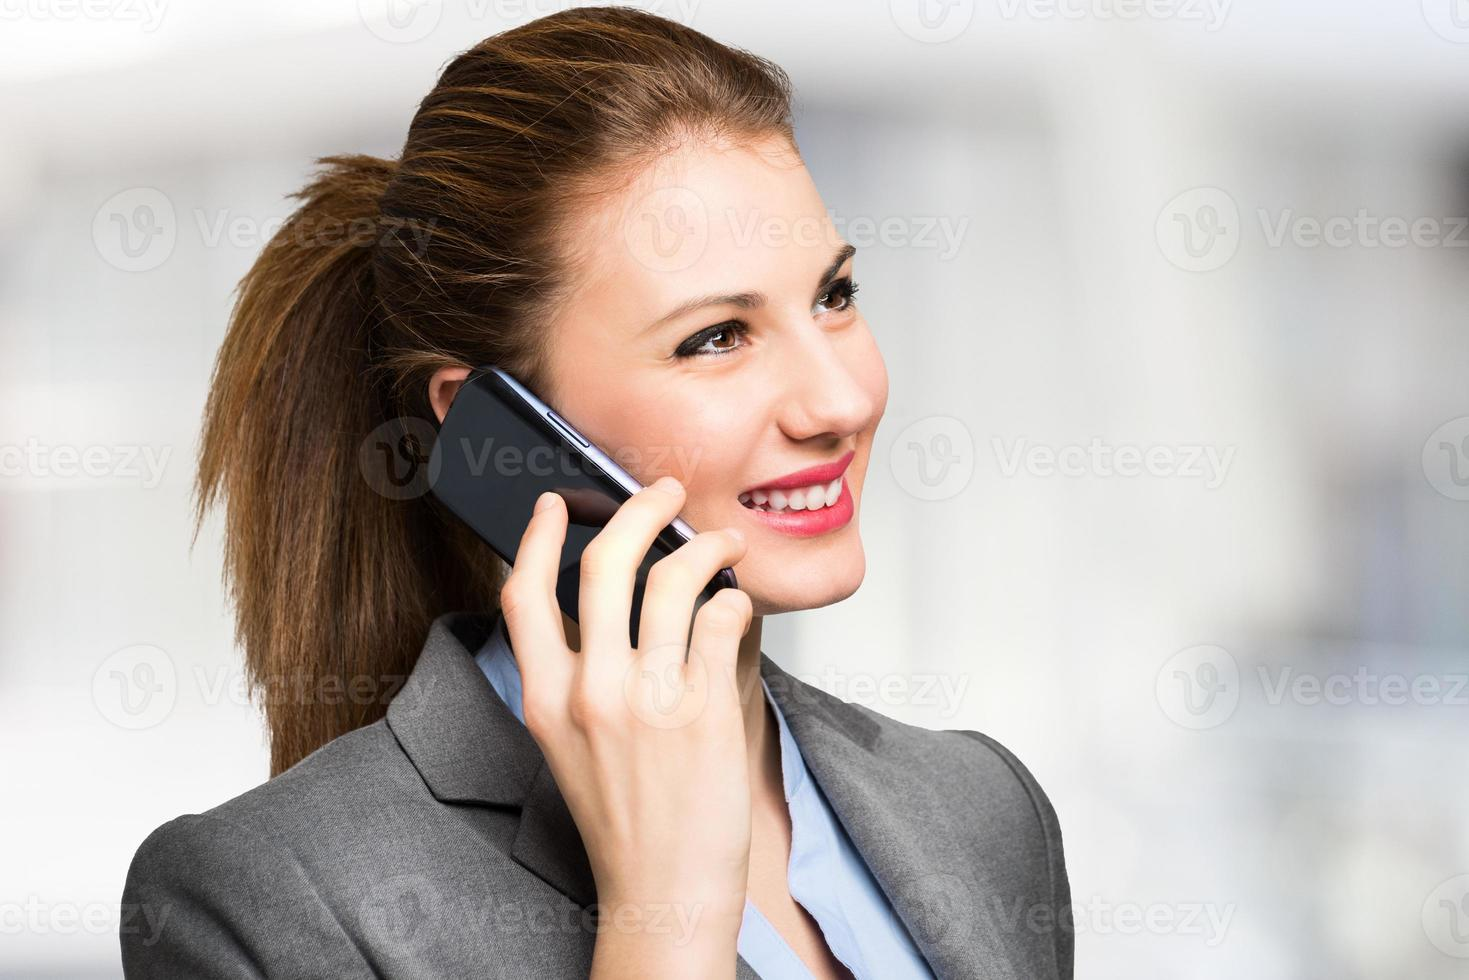 jonge vrouw praten over de telefoon foto